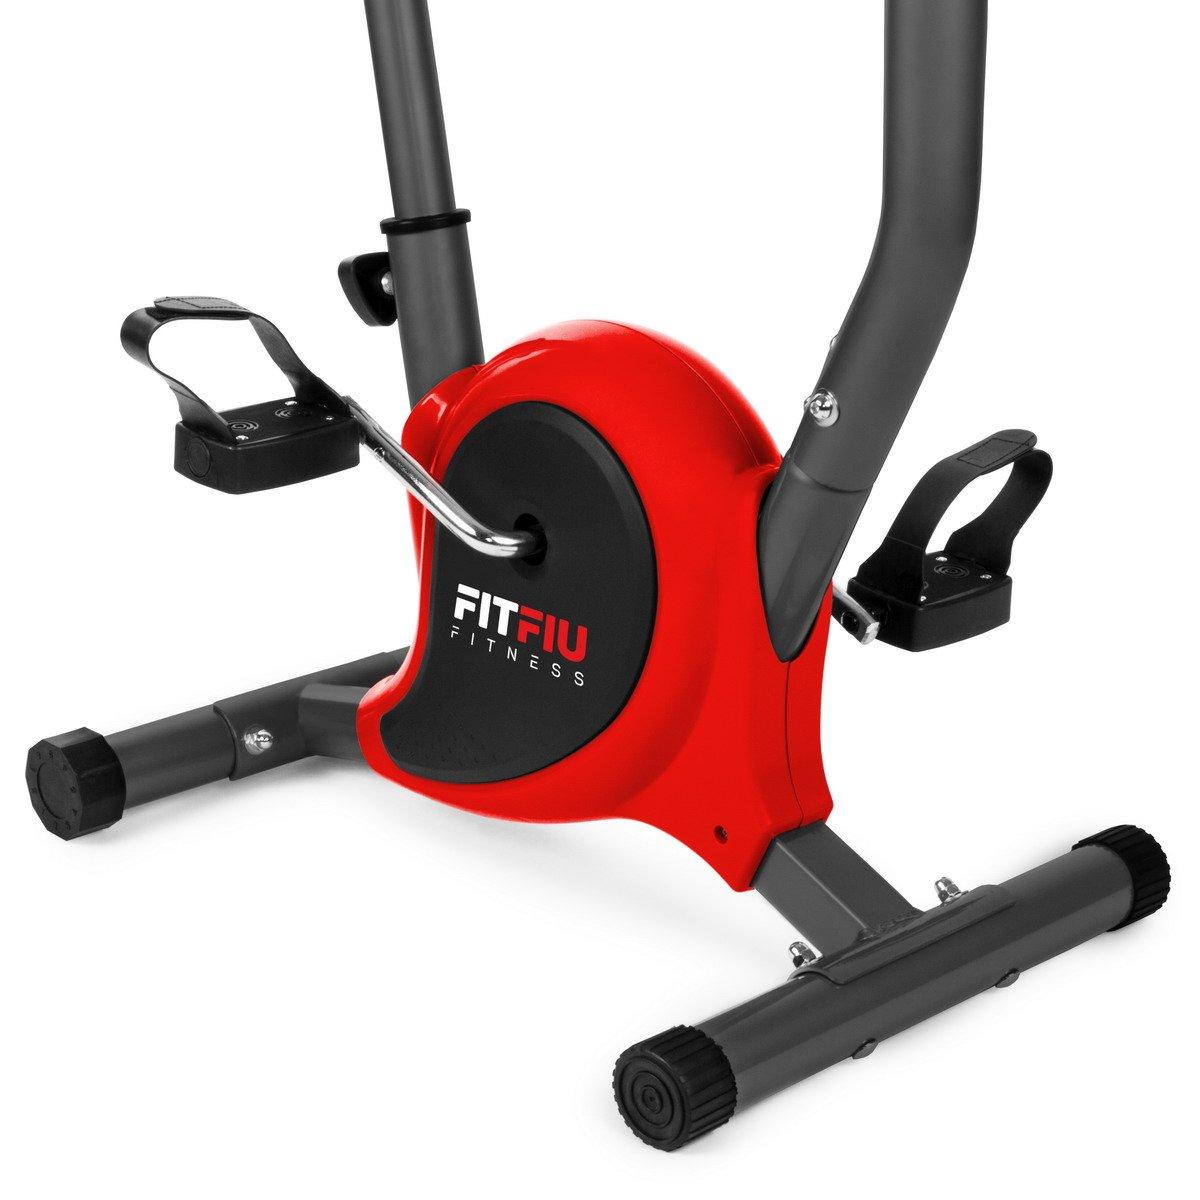 Fitfiu BEST-100 Bicicleta Estática Plegable, Rojo, S: Amazon.es: Deportes y aire libre